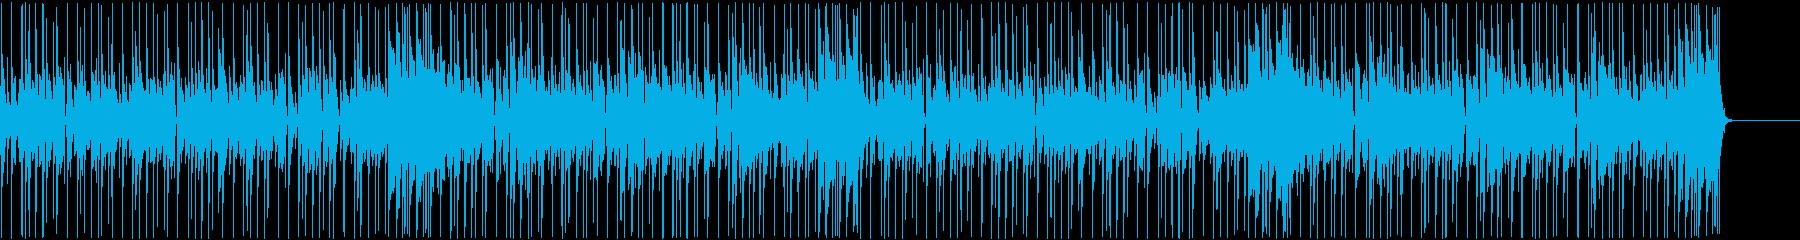 生演奏のファンク。アフロ系。ループ版の再生済みの波形